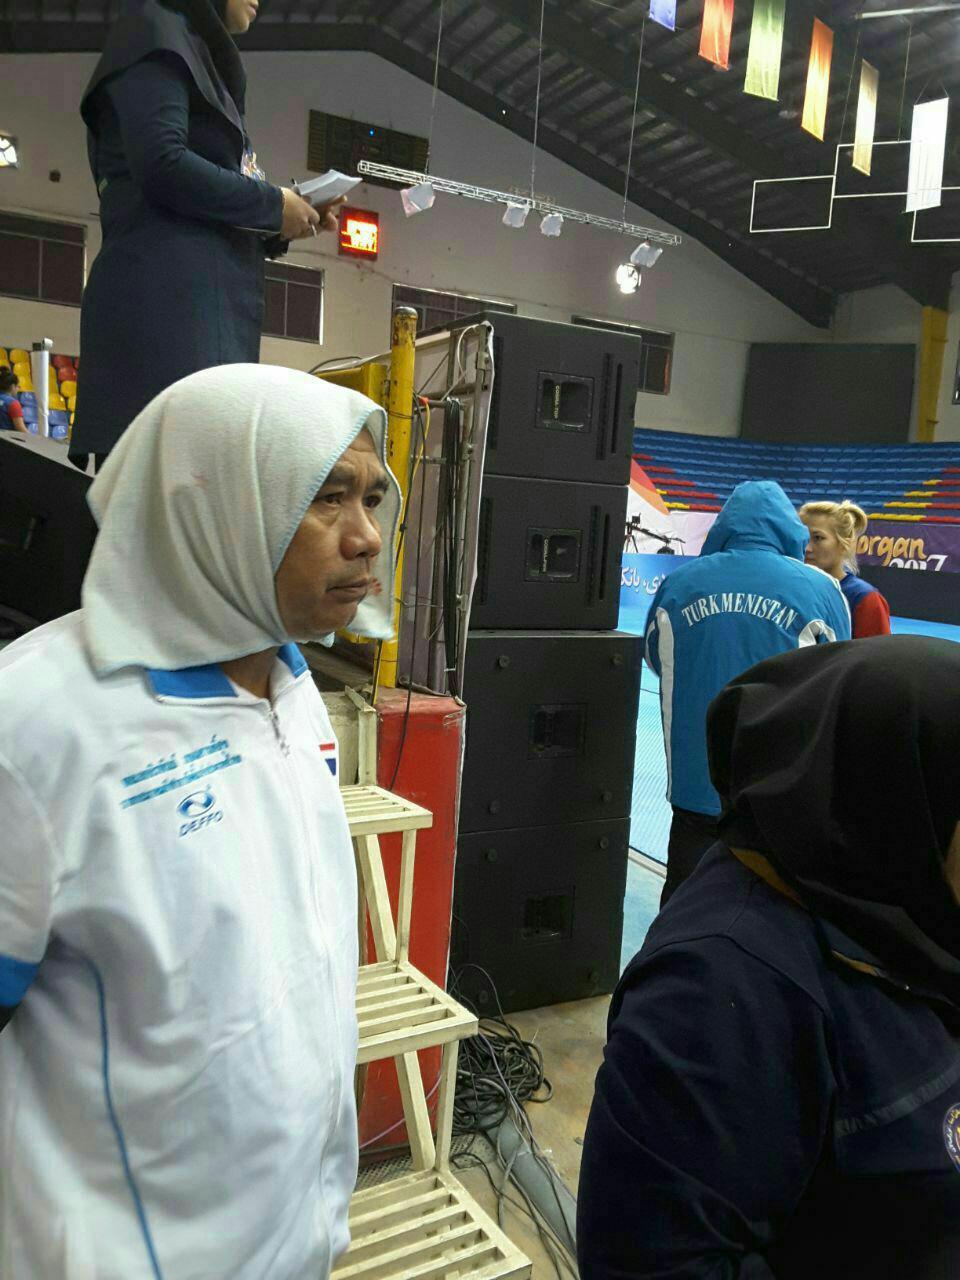 روسری برای مربی مرد تیم زنان تایلند در مسابقات گرگان (عکس)